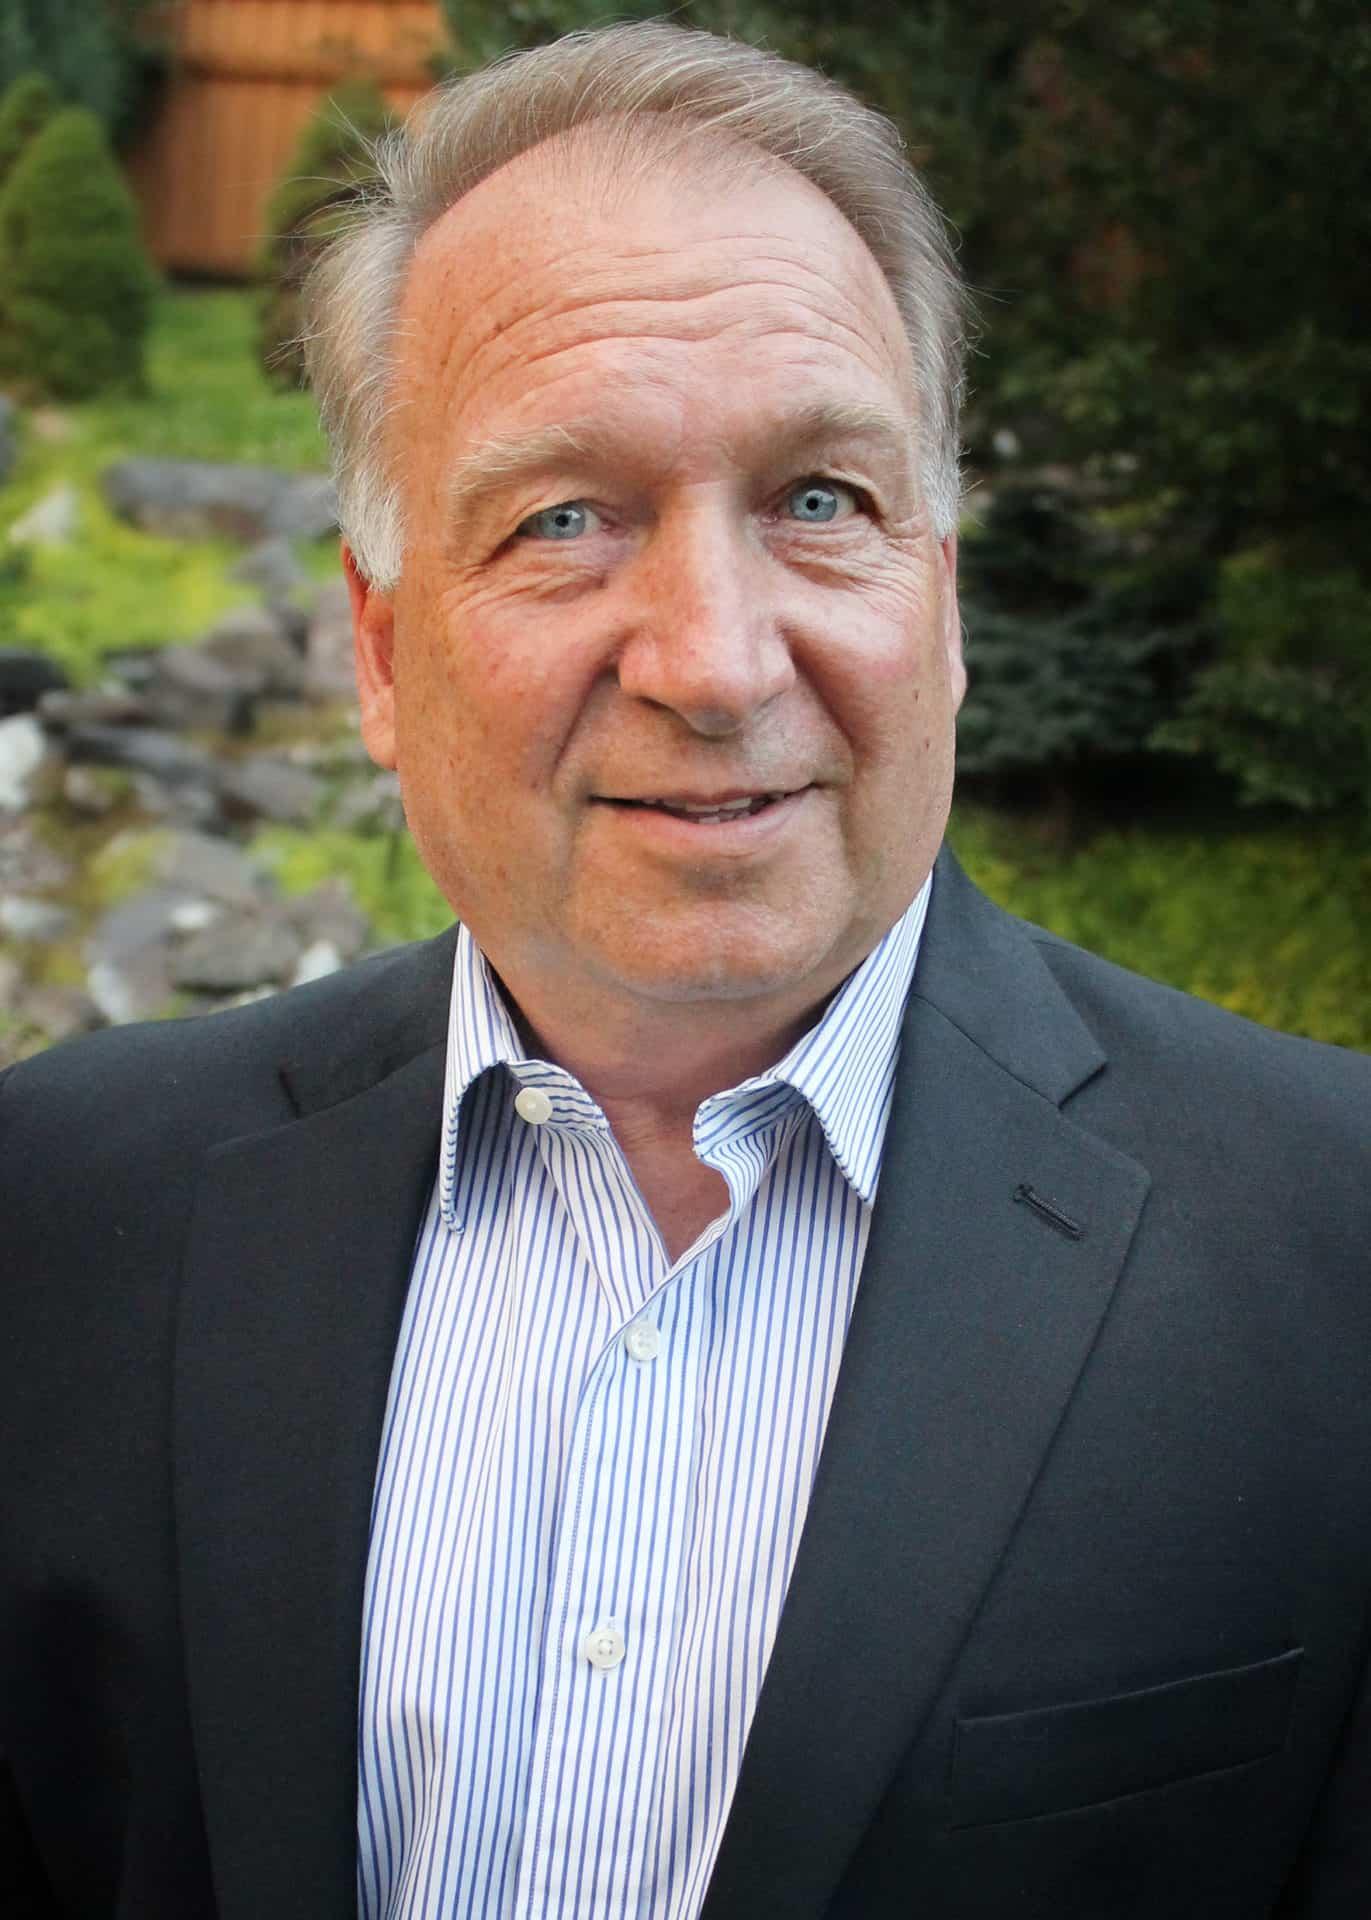 Steve Libsack